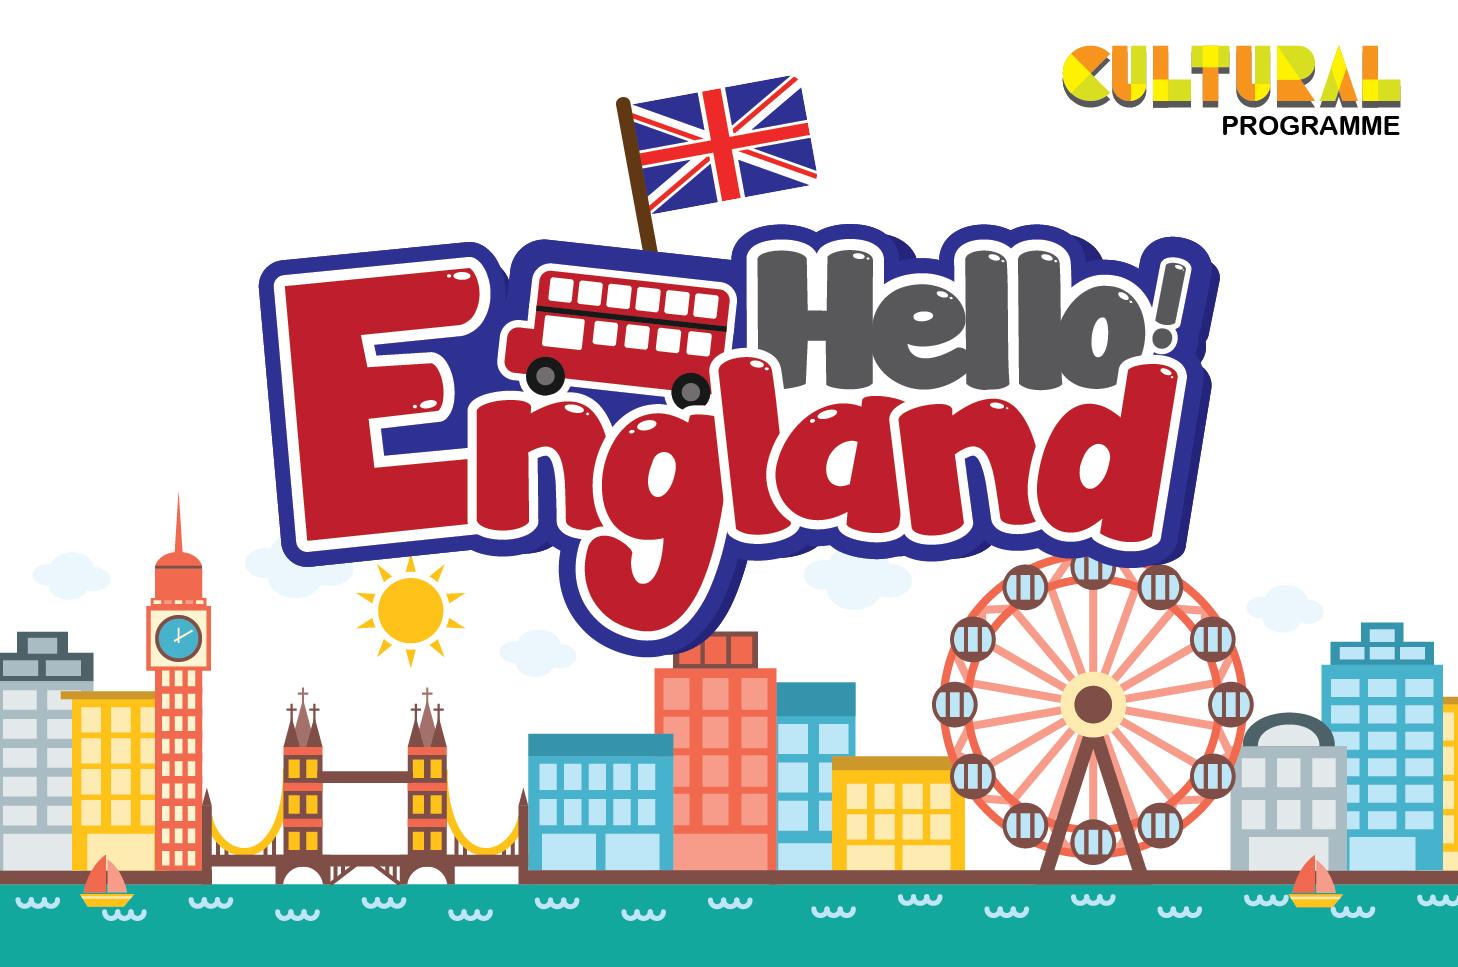 Cultural Art_England (435x290)